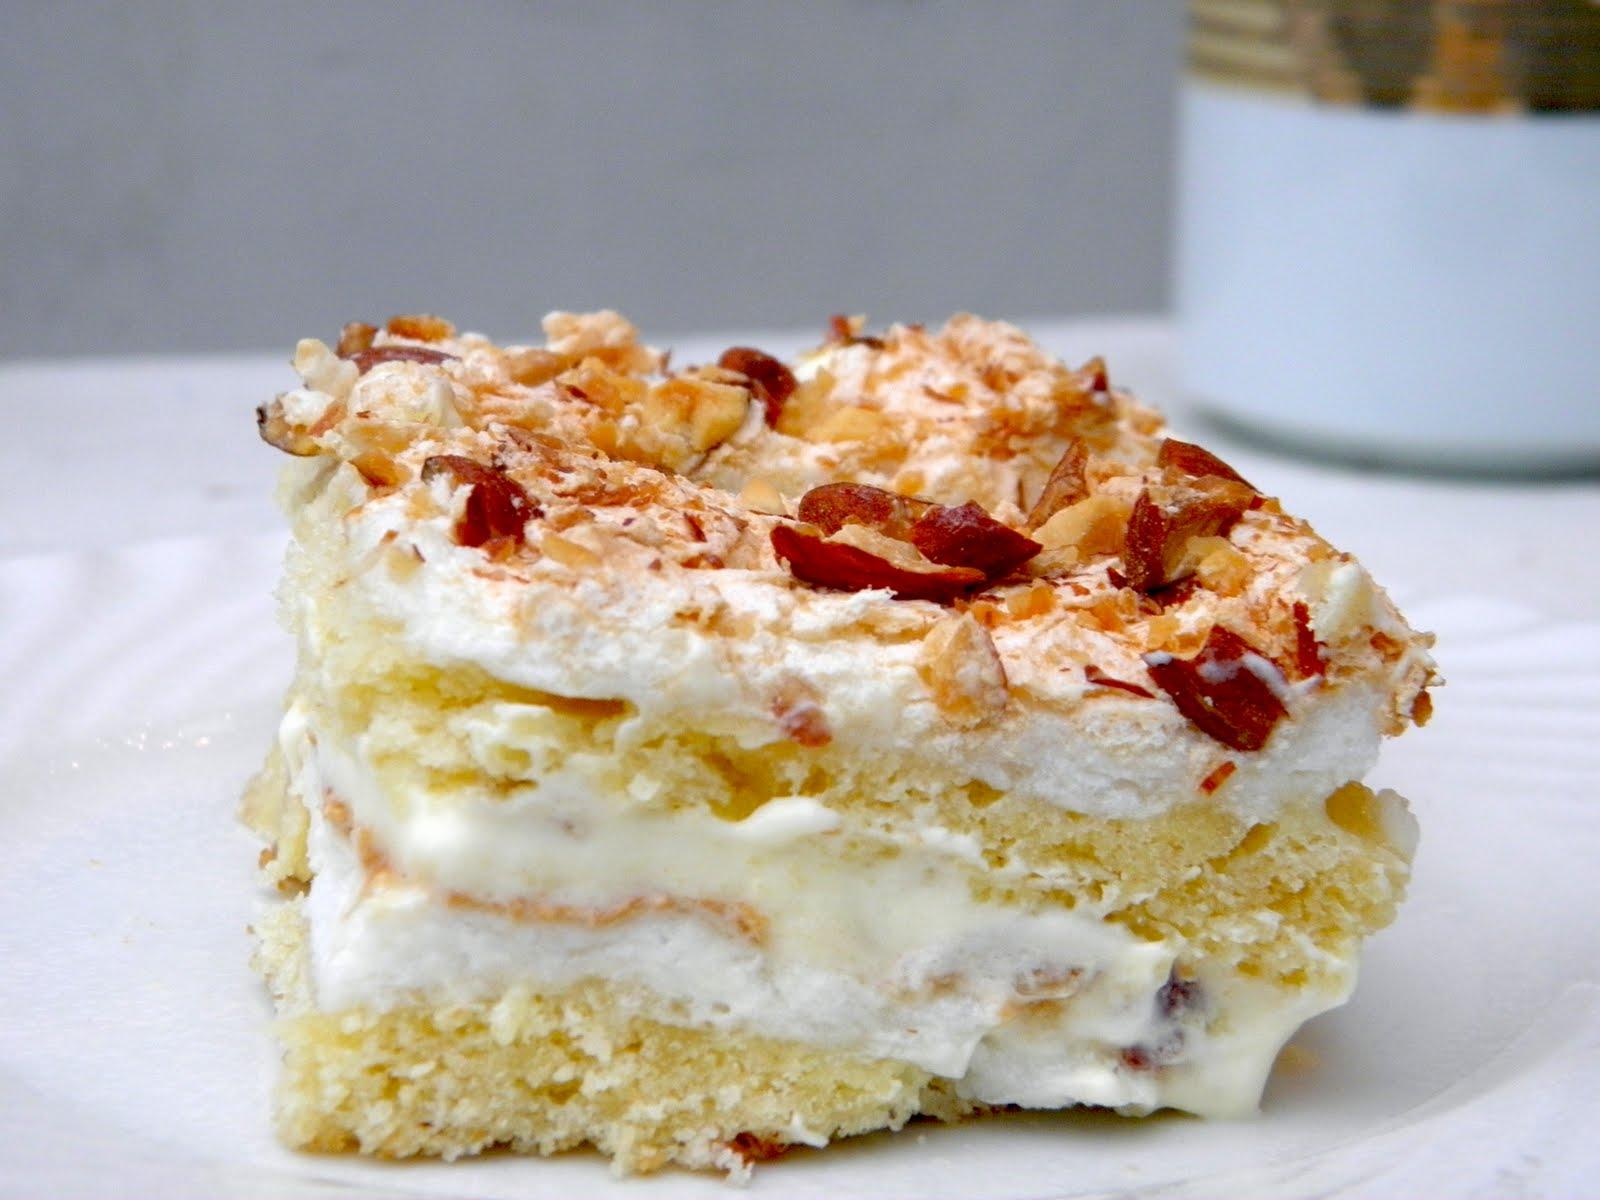 The Best Cake Images : Norwegian  Kv?fjordkake    The World s Best Cake   ThorNews